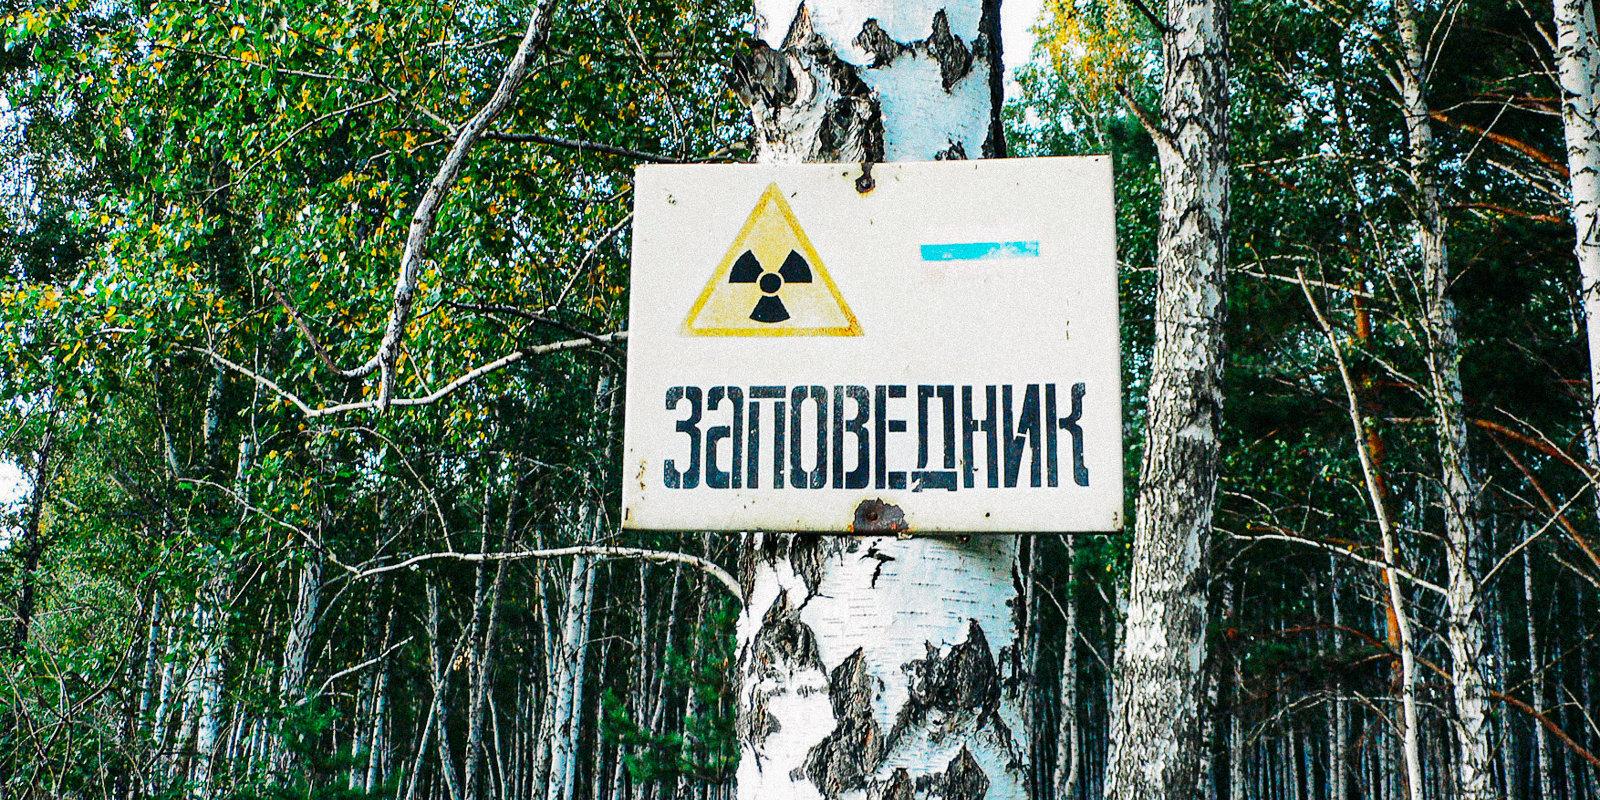 Černobiļa pirms Černobiļas. Ārkārtīgi netīrā kodolkatastrofa Urālos 1957. gadā